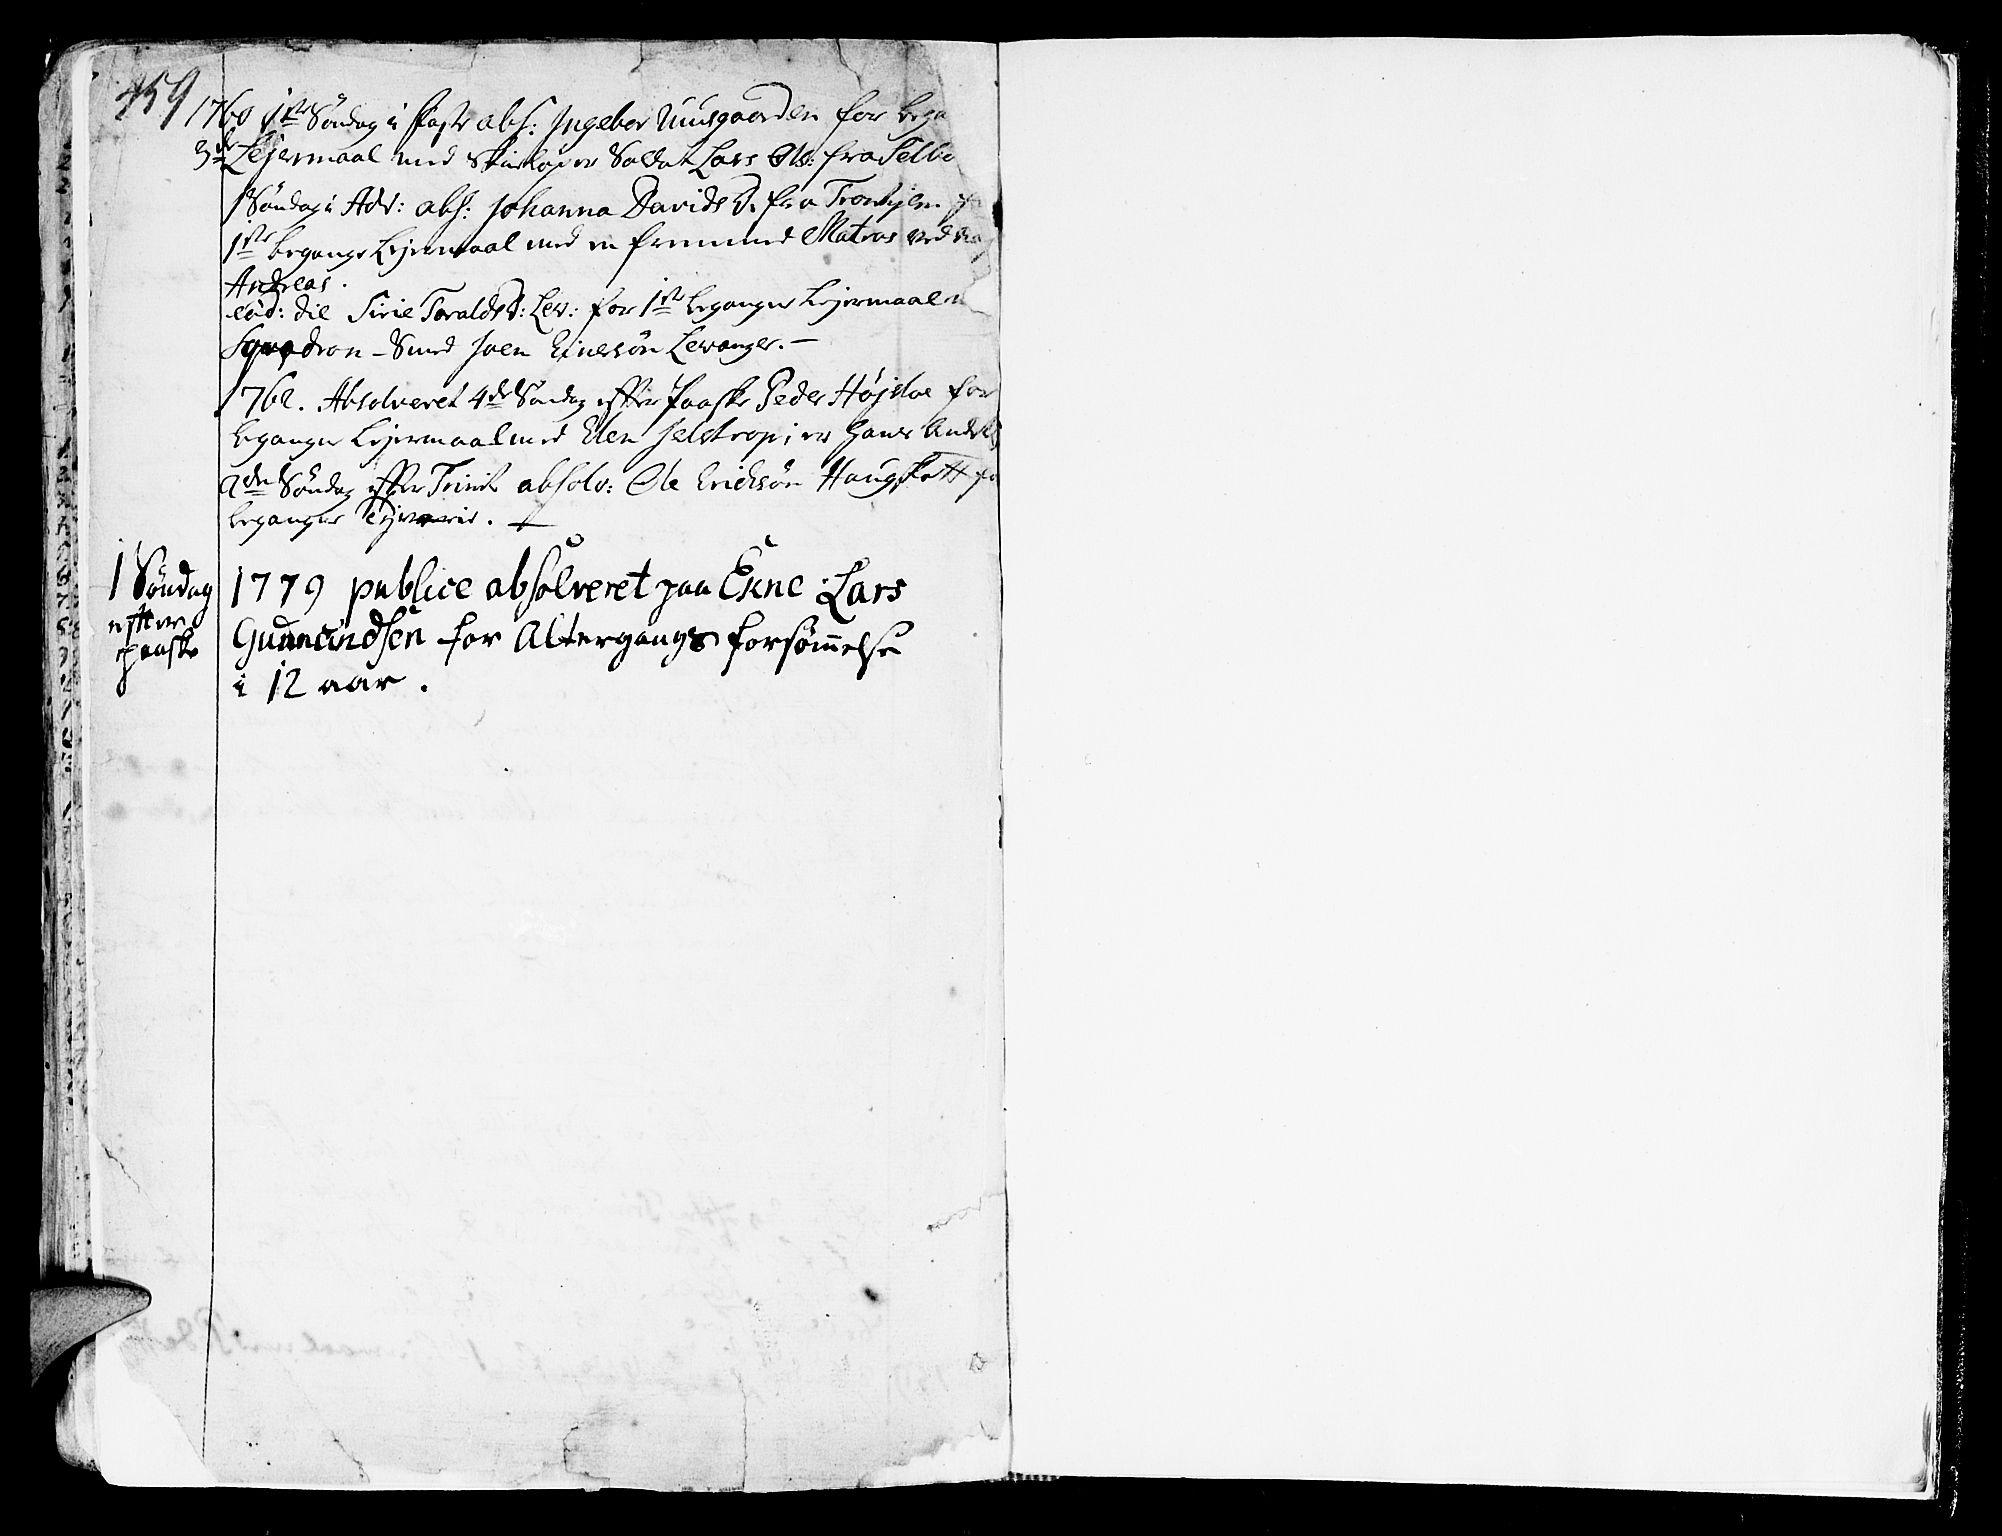 SAT, Ministerialprotokoller, klokkerbøker og fødselsregistre - Nord-Trøndelag, 717/L0141: Ministerialbok nr. 717A01, 1747-1803, s. 459-460